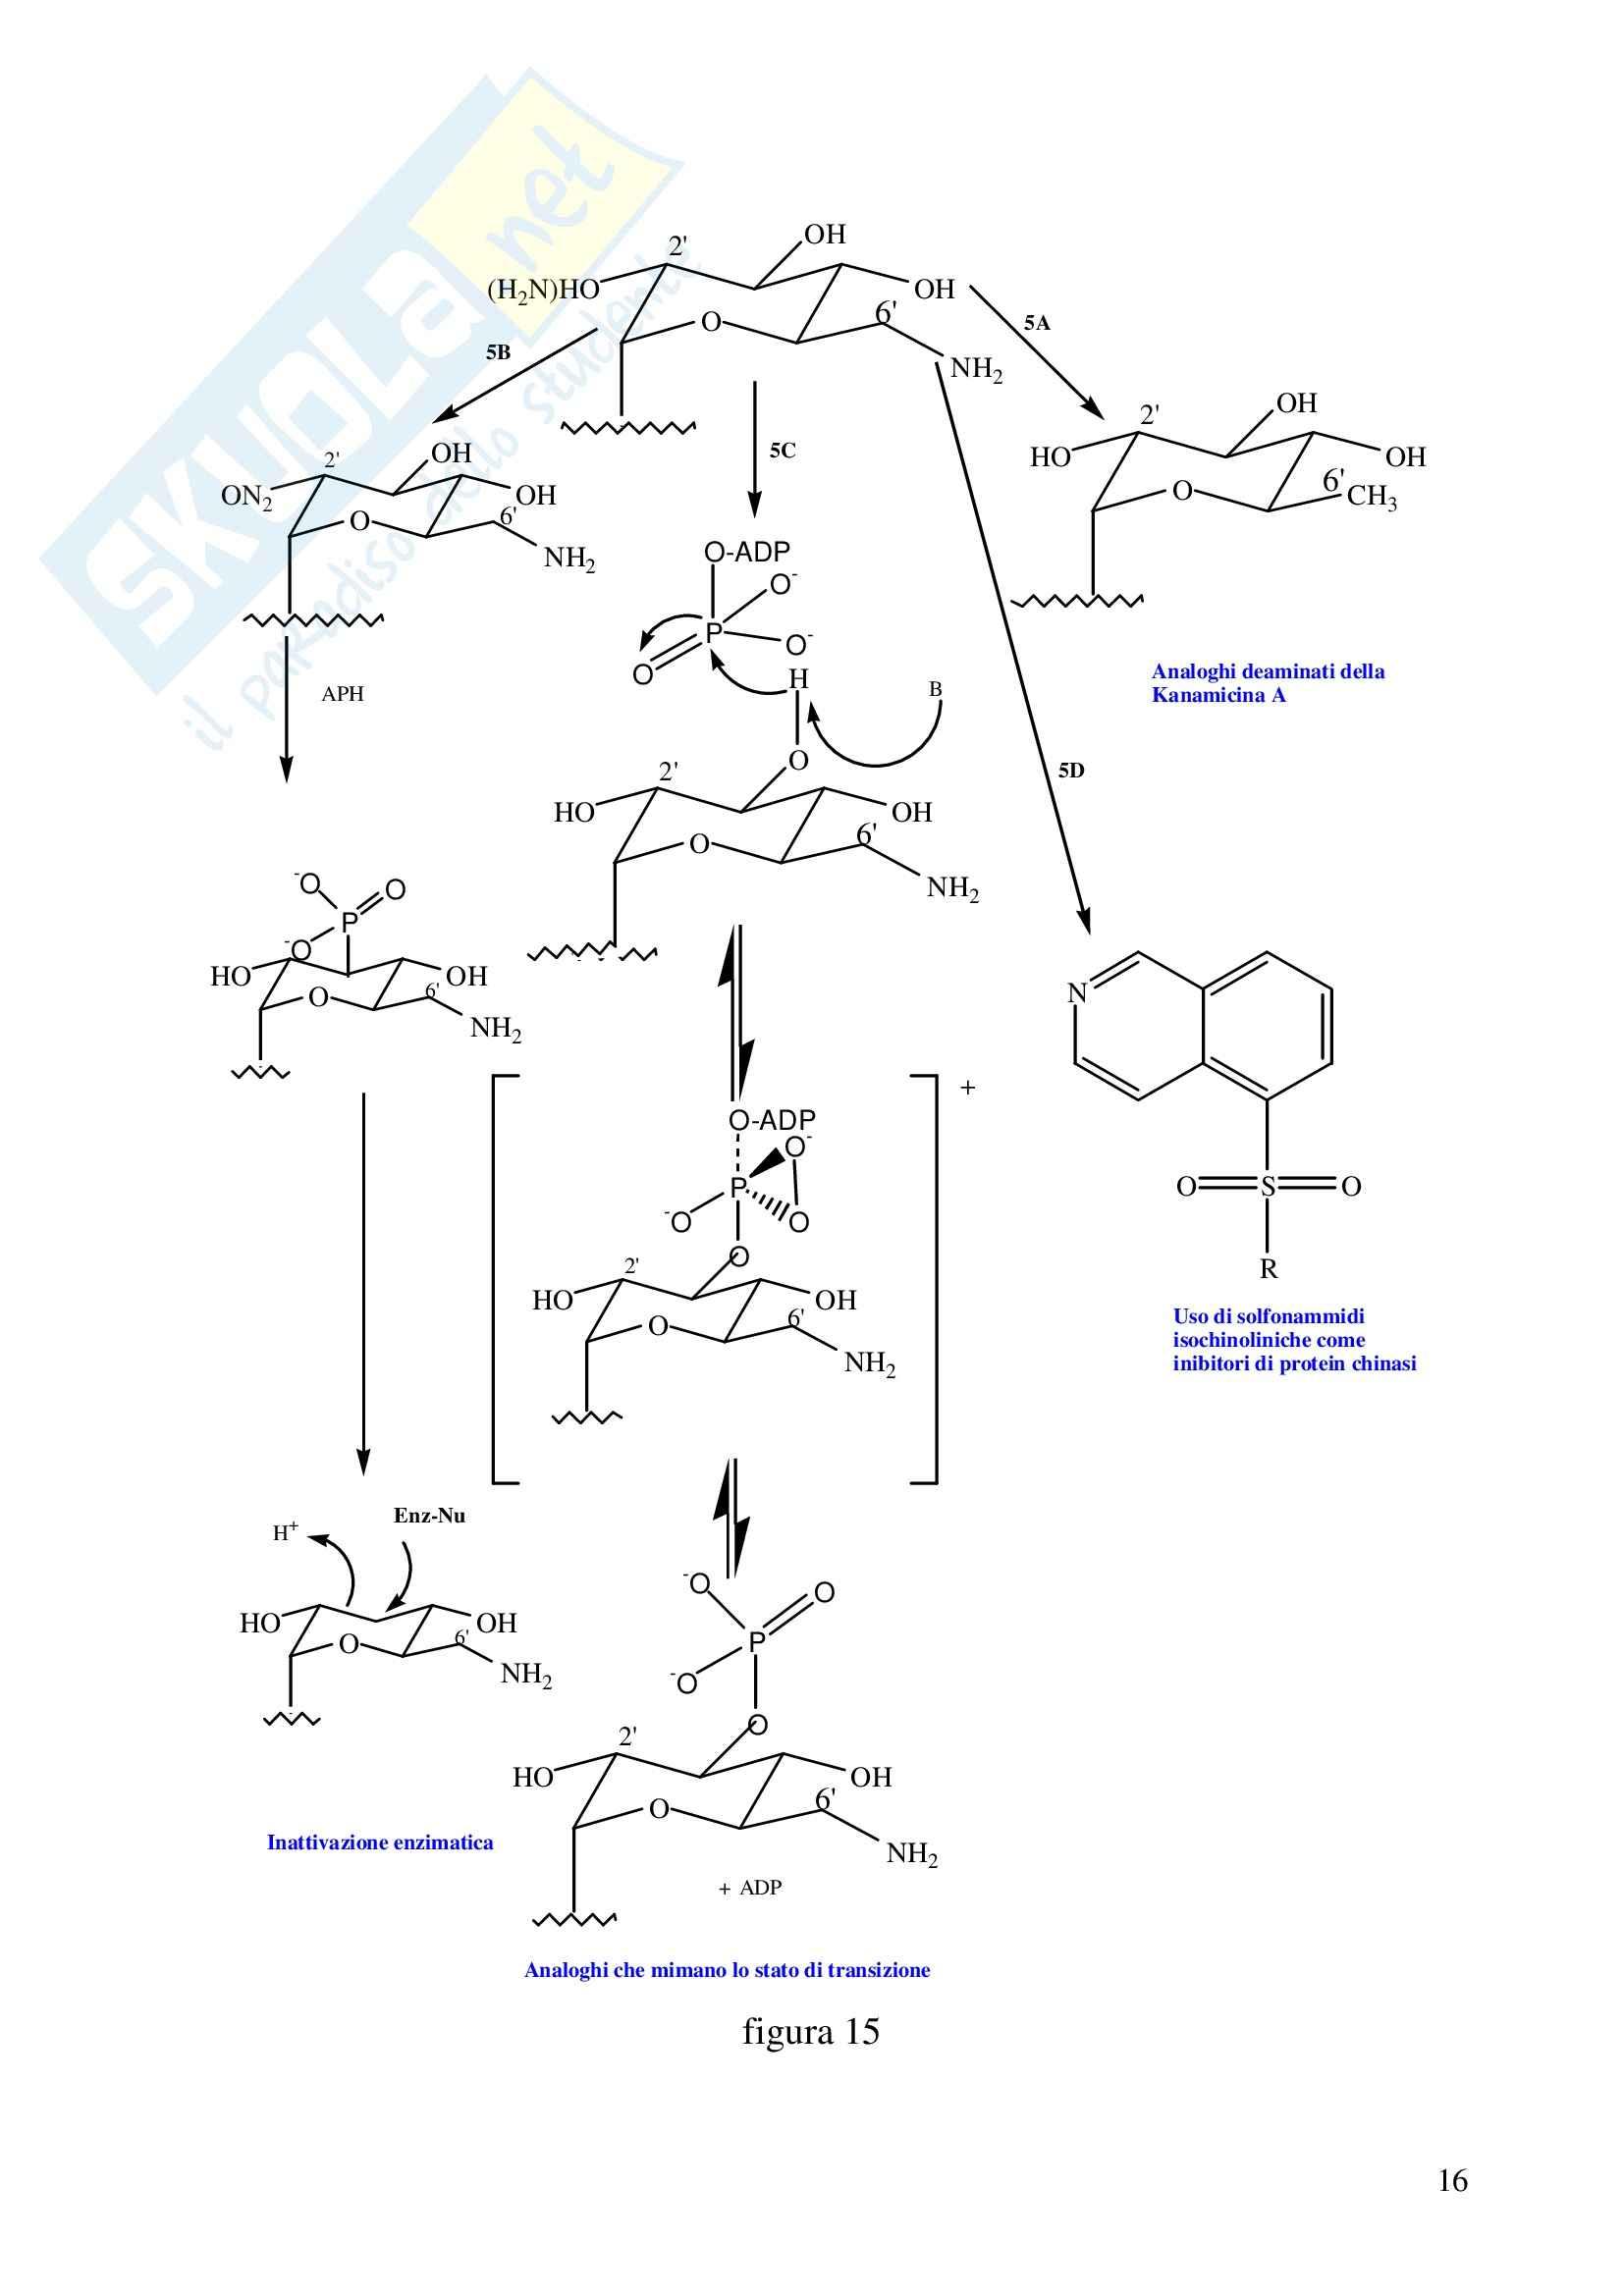 Farmacologia generale - aminoglicosidi Pag. 16